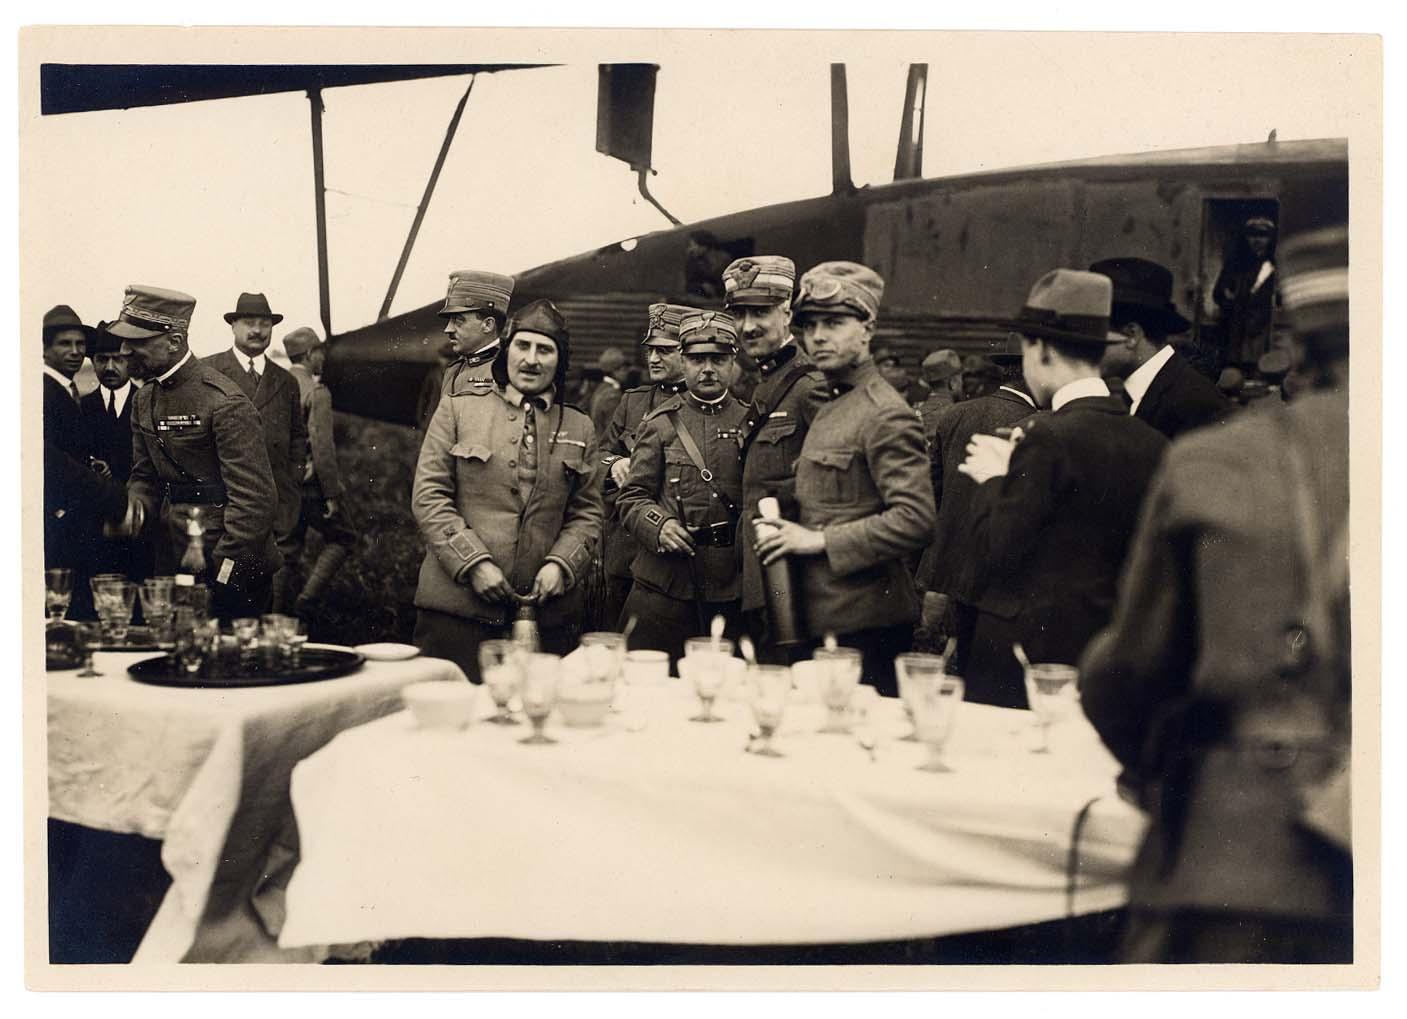 Archivio Comunale - 1921 - Topografia_jpg_foto 0030 1-13